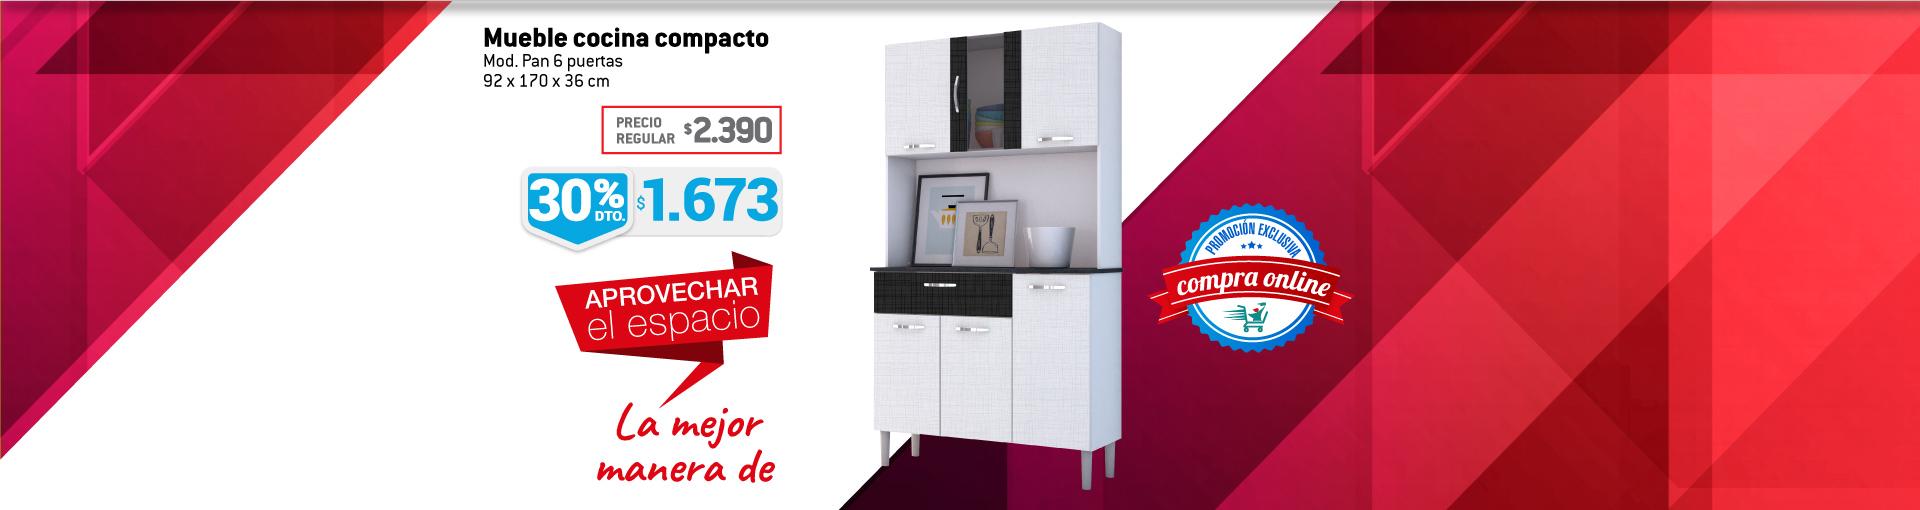 h-528875-mueble-de-cocina